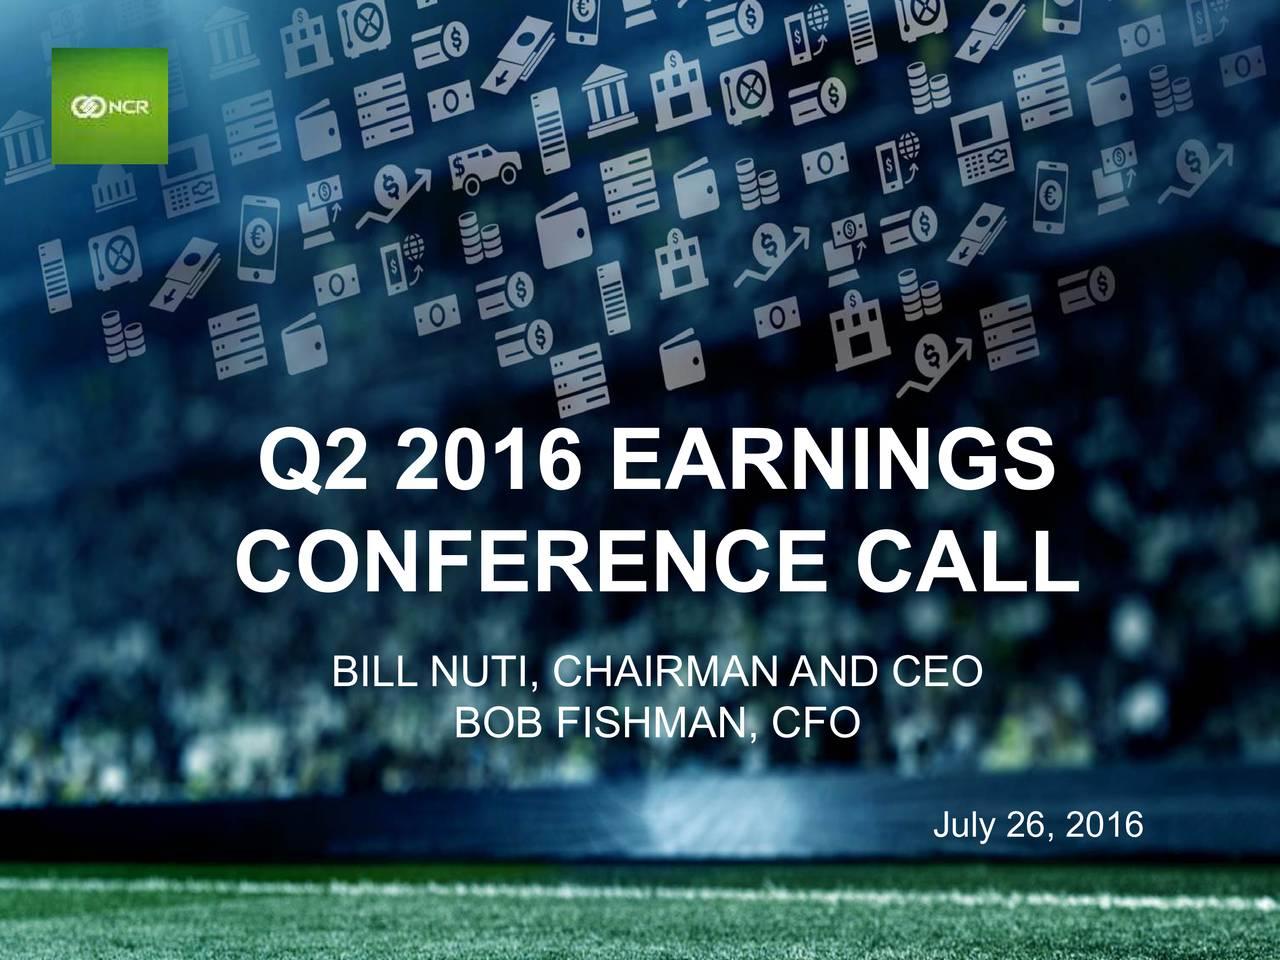 CONFERENCE CALL BILL NUTI, CHAIRMAN AND CEO BOB FISHMAN, CFO July26, 2016 1